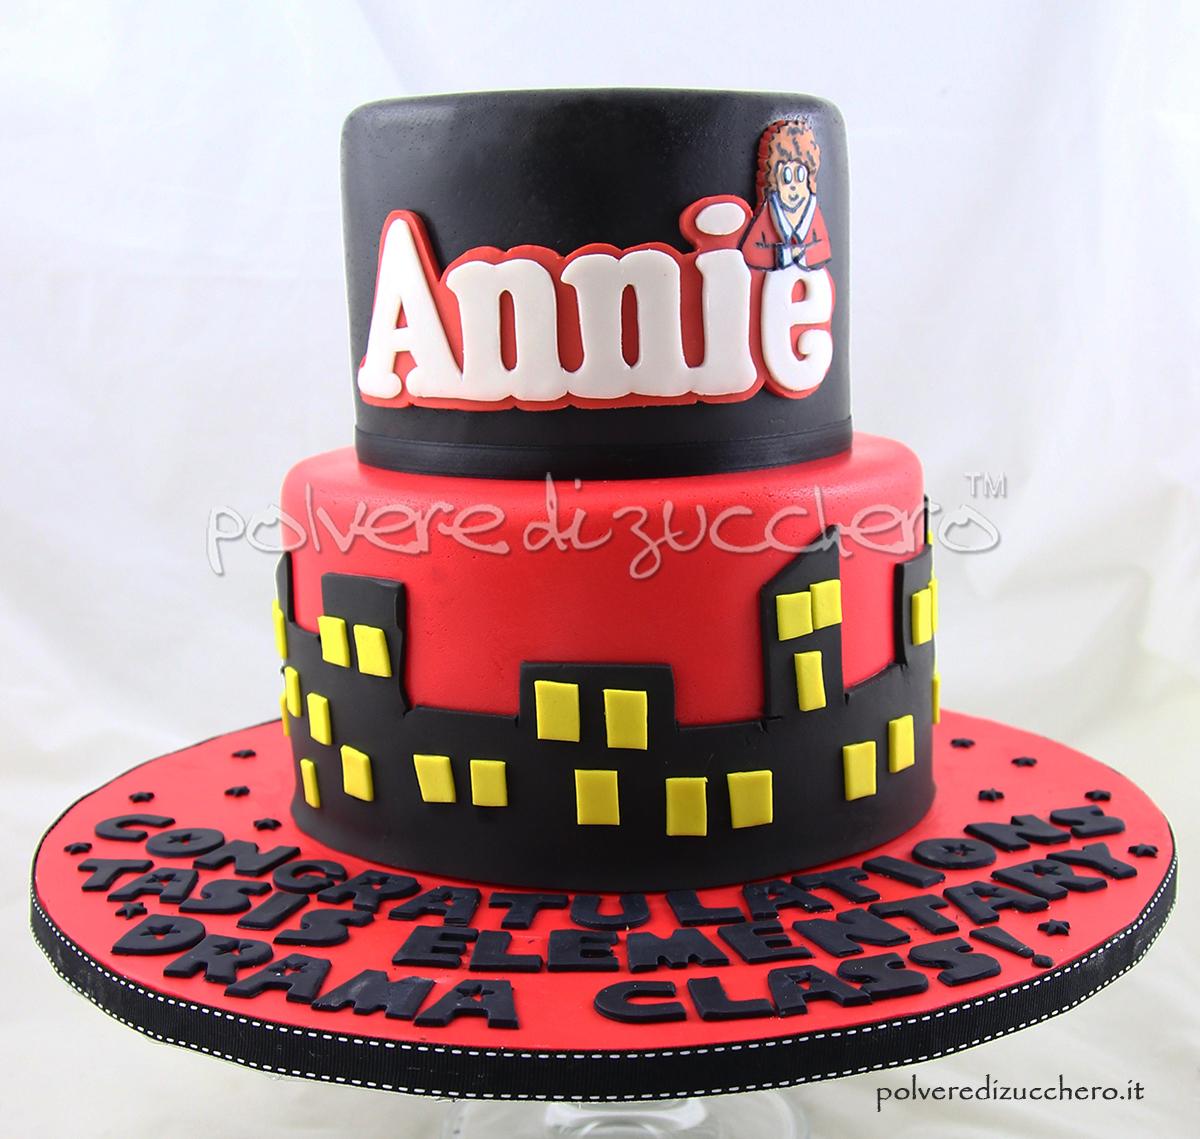 torta decorata musical annie pasta di zucchero cake design annie cake polvere di zucchero